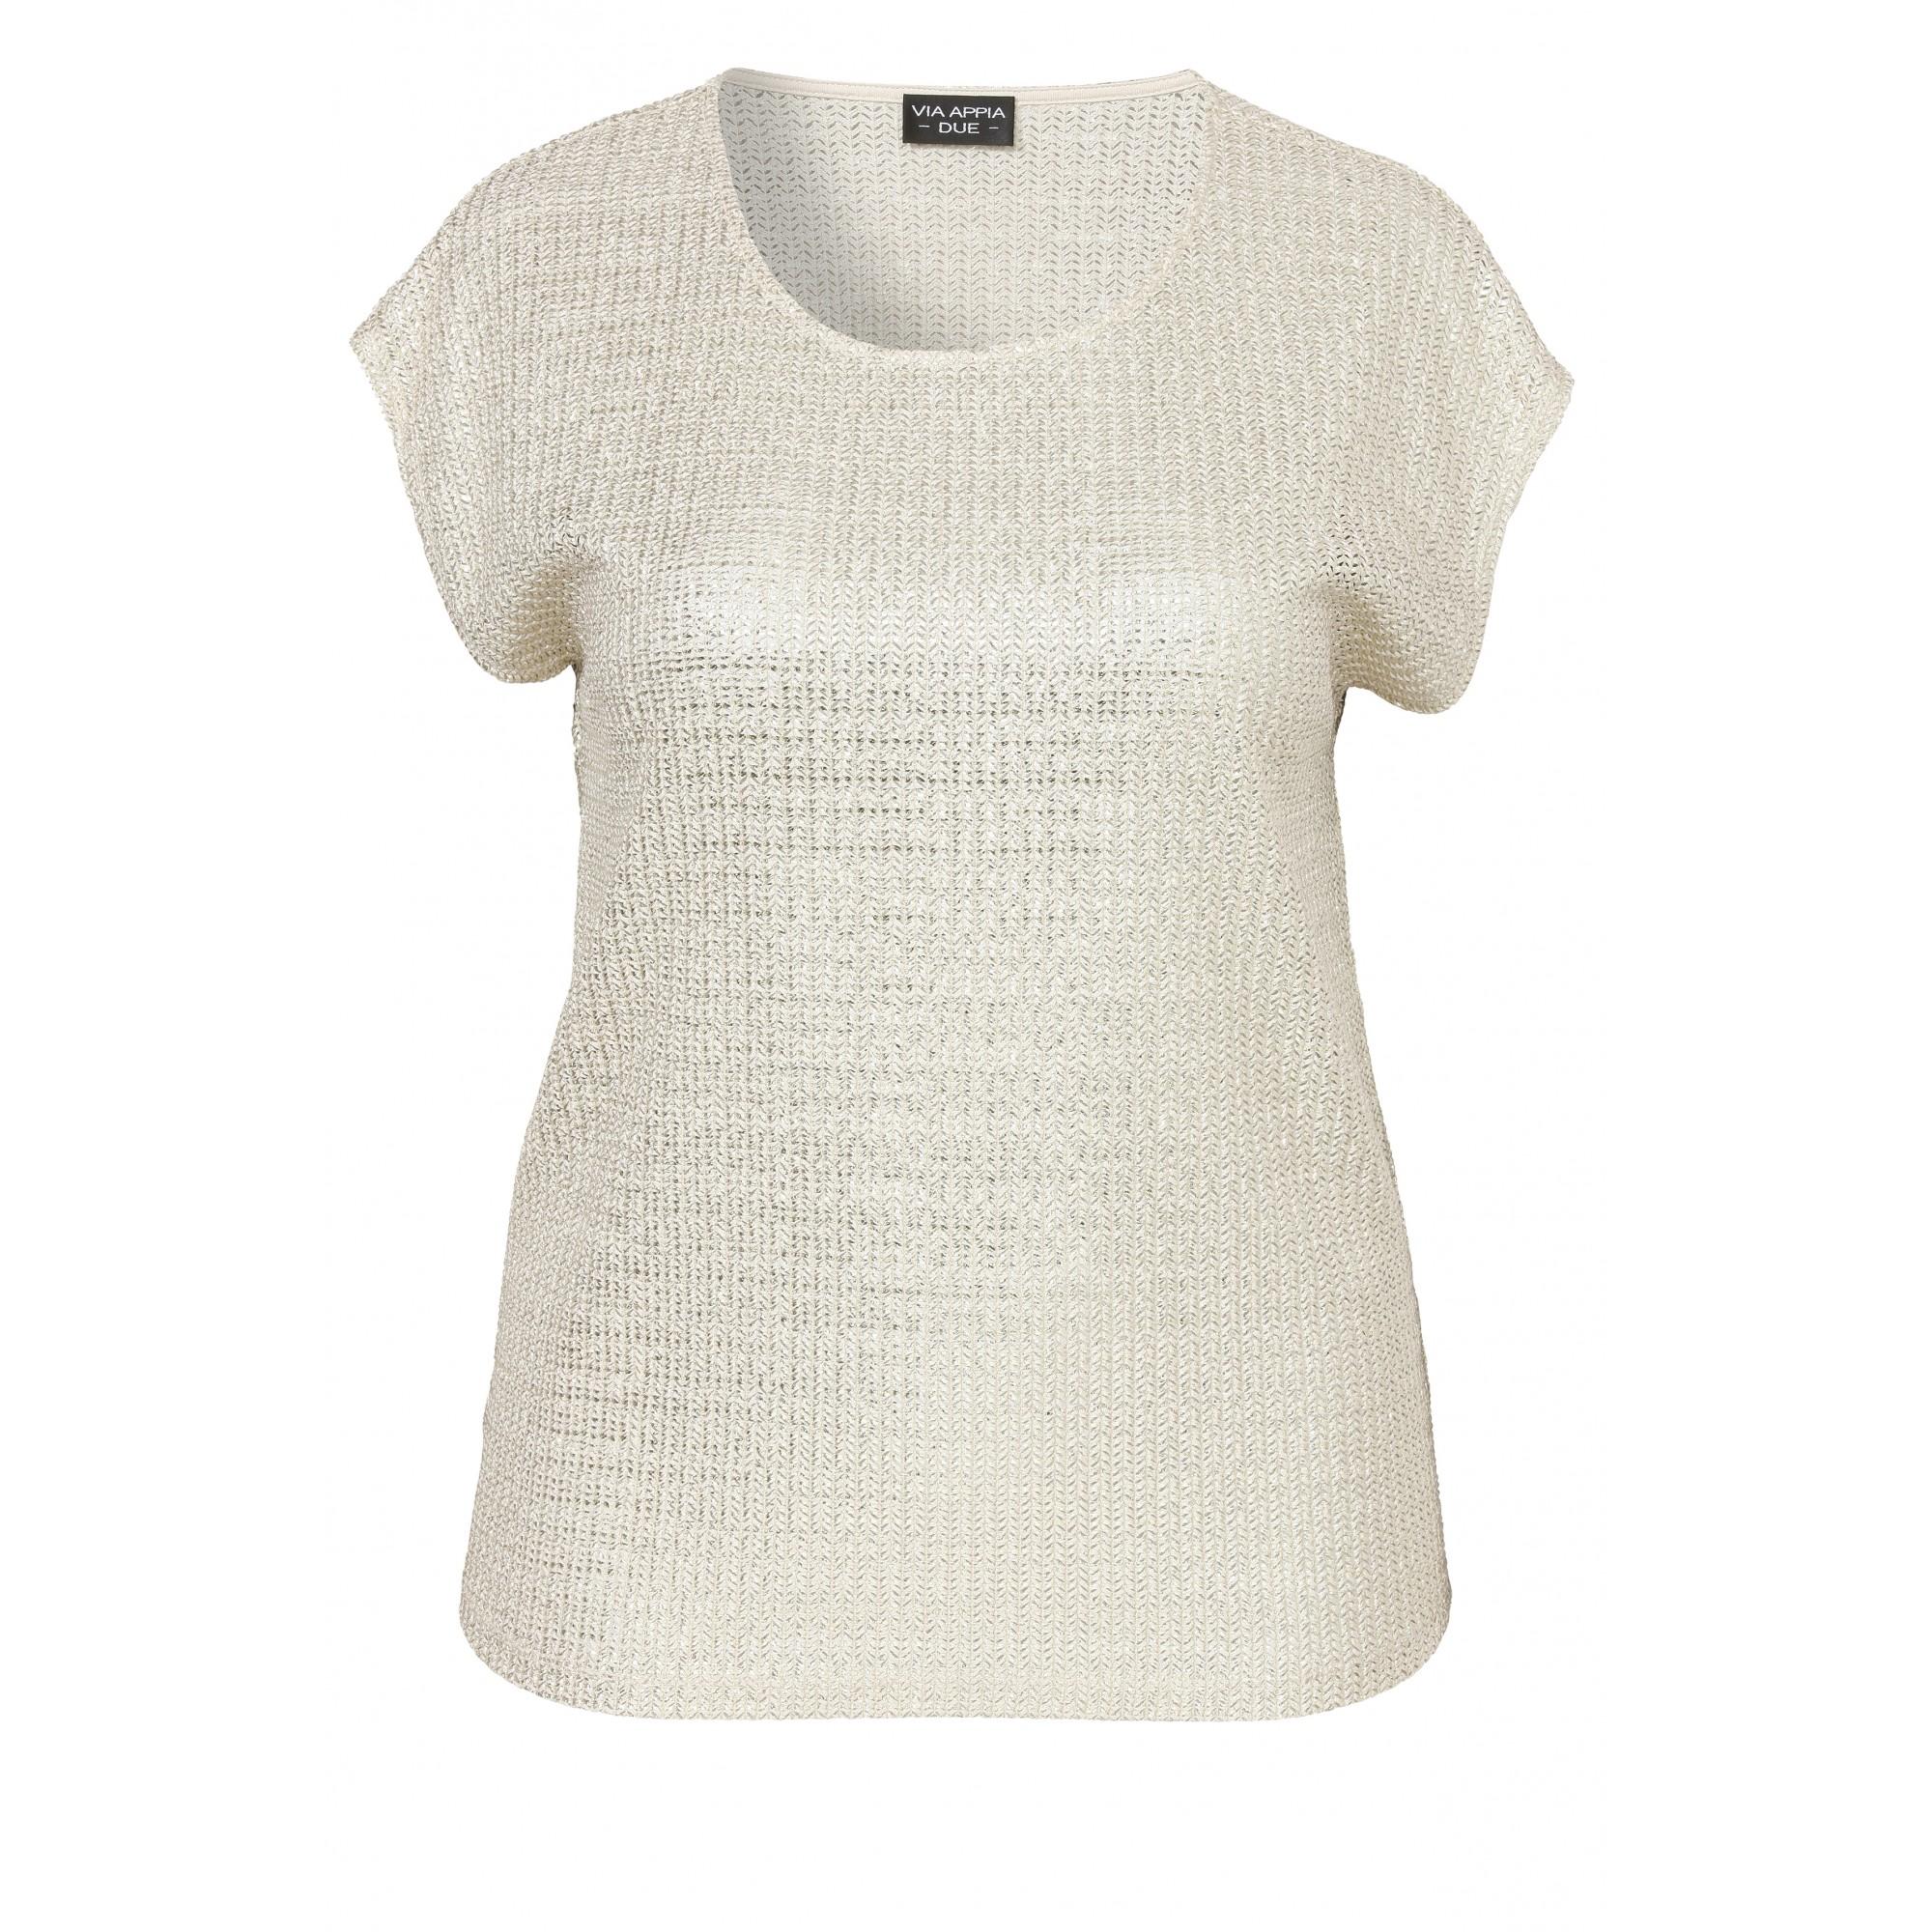 Strahlendes Shirt mit glänzendem Garn